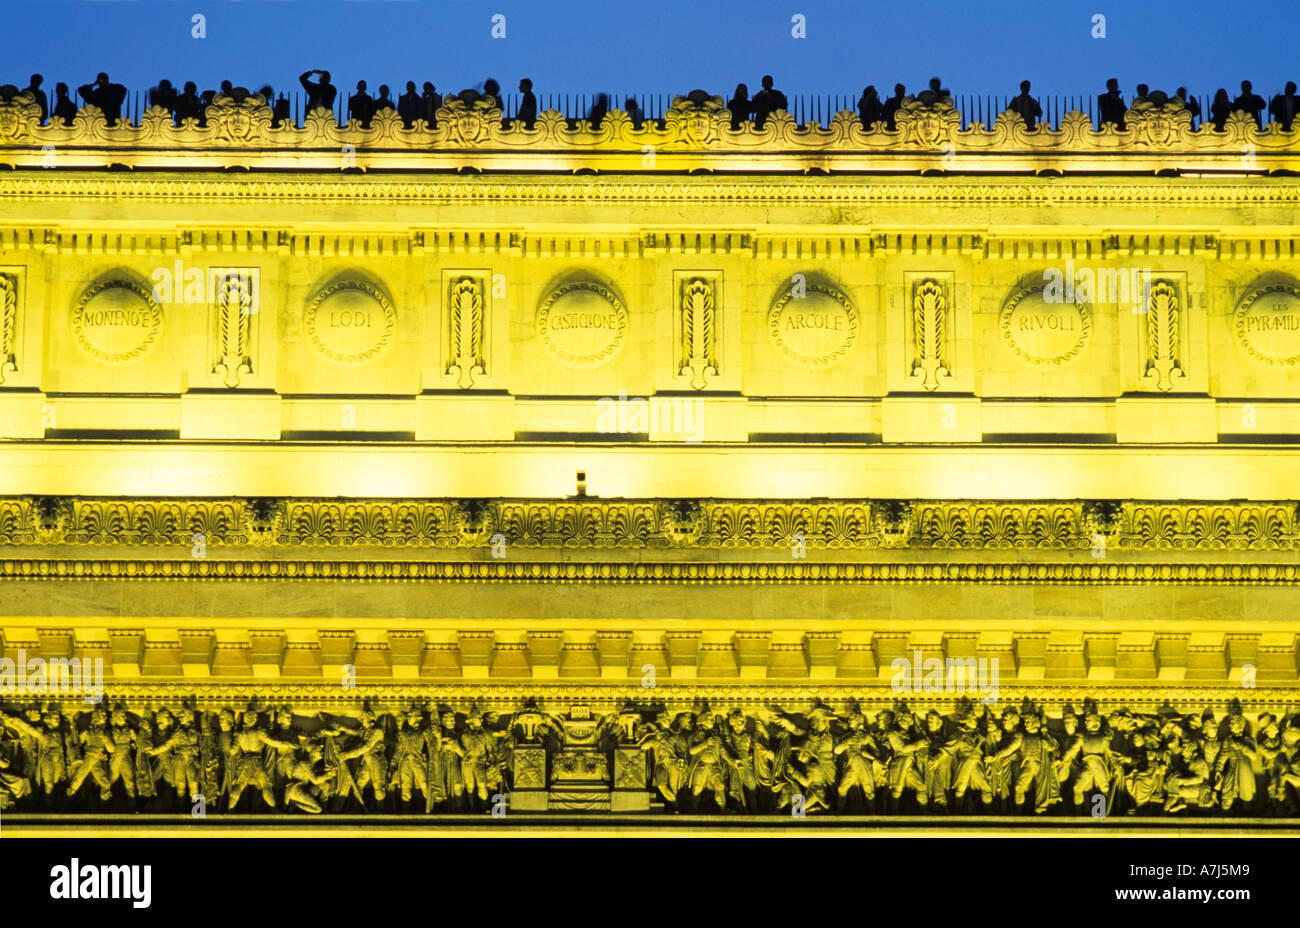 Arc de triomphe, Paris illuminated in the evening - Stock Image